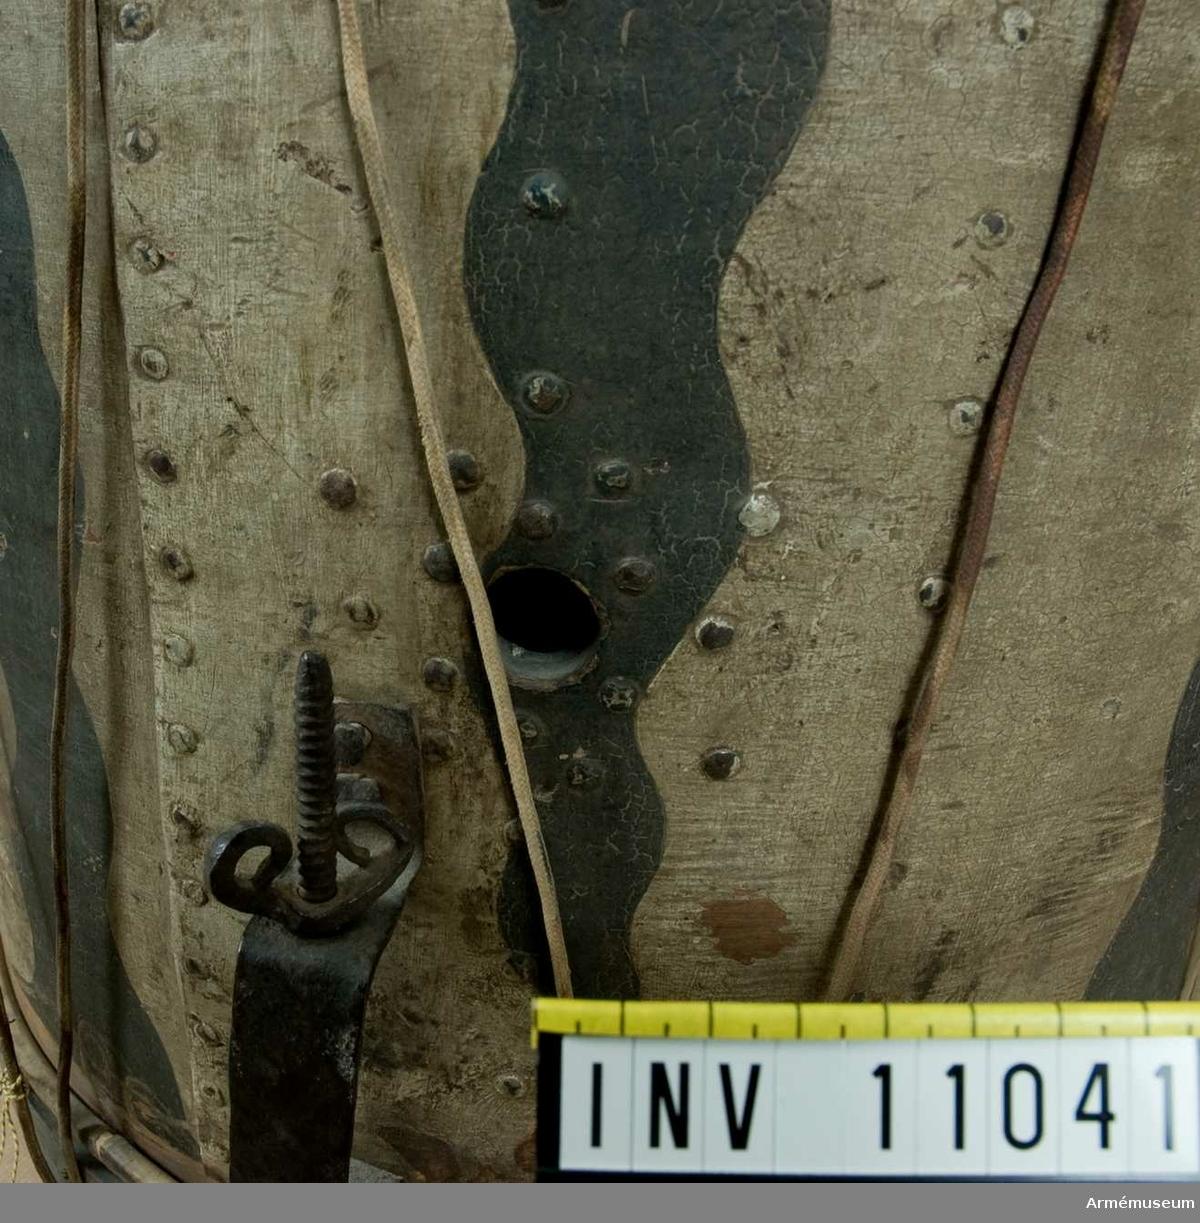 Grupp B III.  Kommer från Ryssland genom Bukowskis Konsthandel i Stockholm. Pris 500 kr. Höjd 44 cm. Diam 42,5 cm. Helt av trä.  Ramarna grön- och rödmålade. Snörad. Snarrsträngar har funnits, men saknas. Spännhållare av järn finns kvar. Väggen vitmälad och på den svenska riksvapnet (hessiska vapnet i hjärtskölden) med krönta lejon. Fältet uppfylls vidare av svarta längsgående flammor som ha en adlig krona i spetsen. Övre skinnet är borta och öppningen igensatt med en träplatta. Ramarna bör byta plats. Utställningsetikett: Trumma sannolikt använd under 1741-1743 års krig och därvid förlorad till ryssarna. Senare åter förvärvad till Sverige.